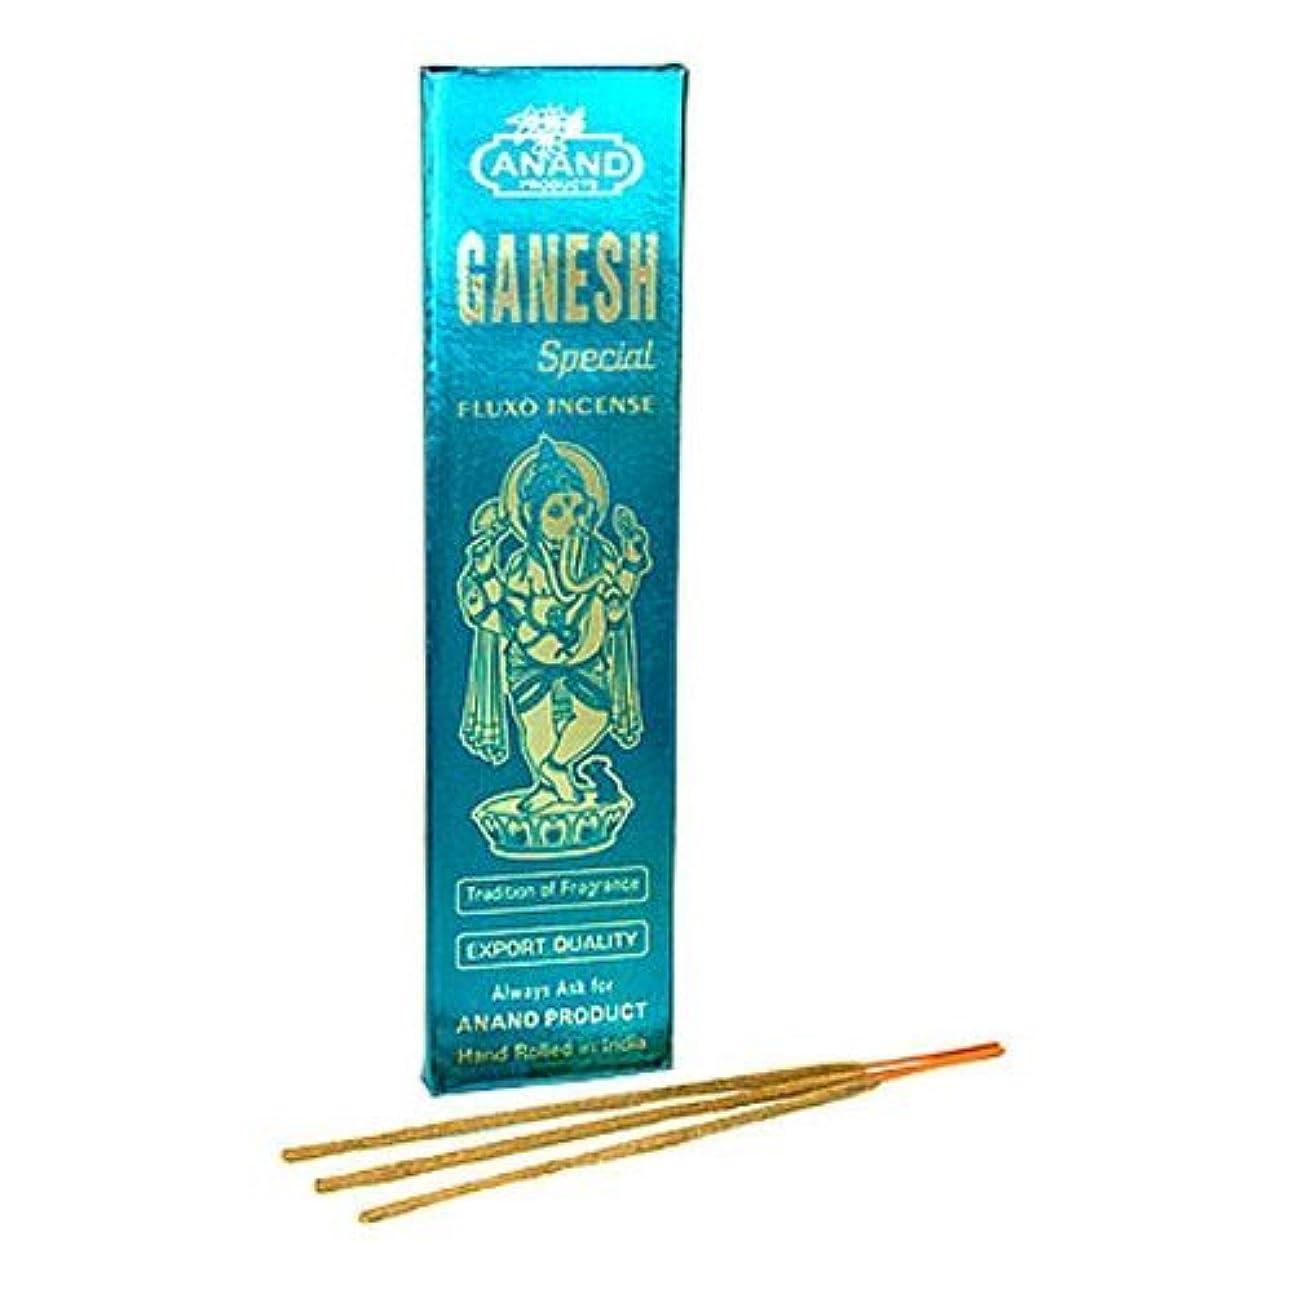 葉ファイアル偽物Ganesh特別なfluxo incense – 5パック、25グラム1パック